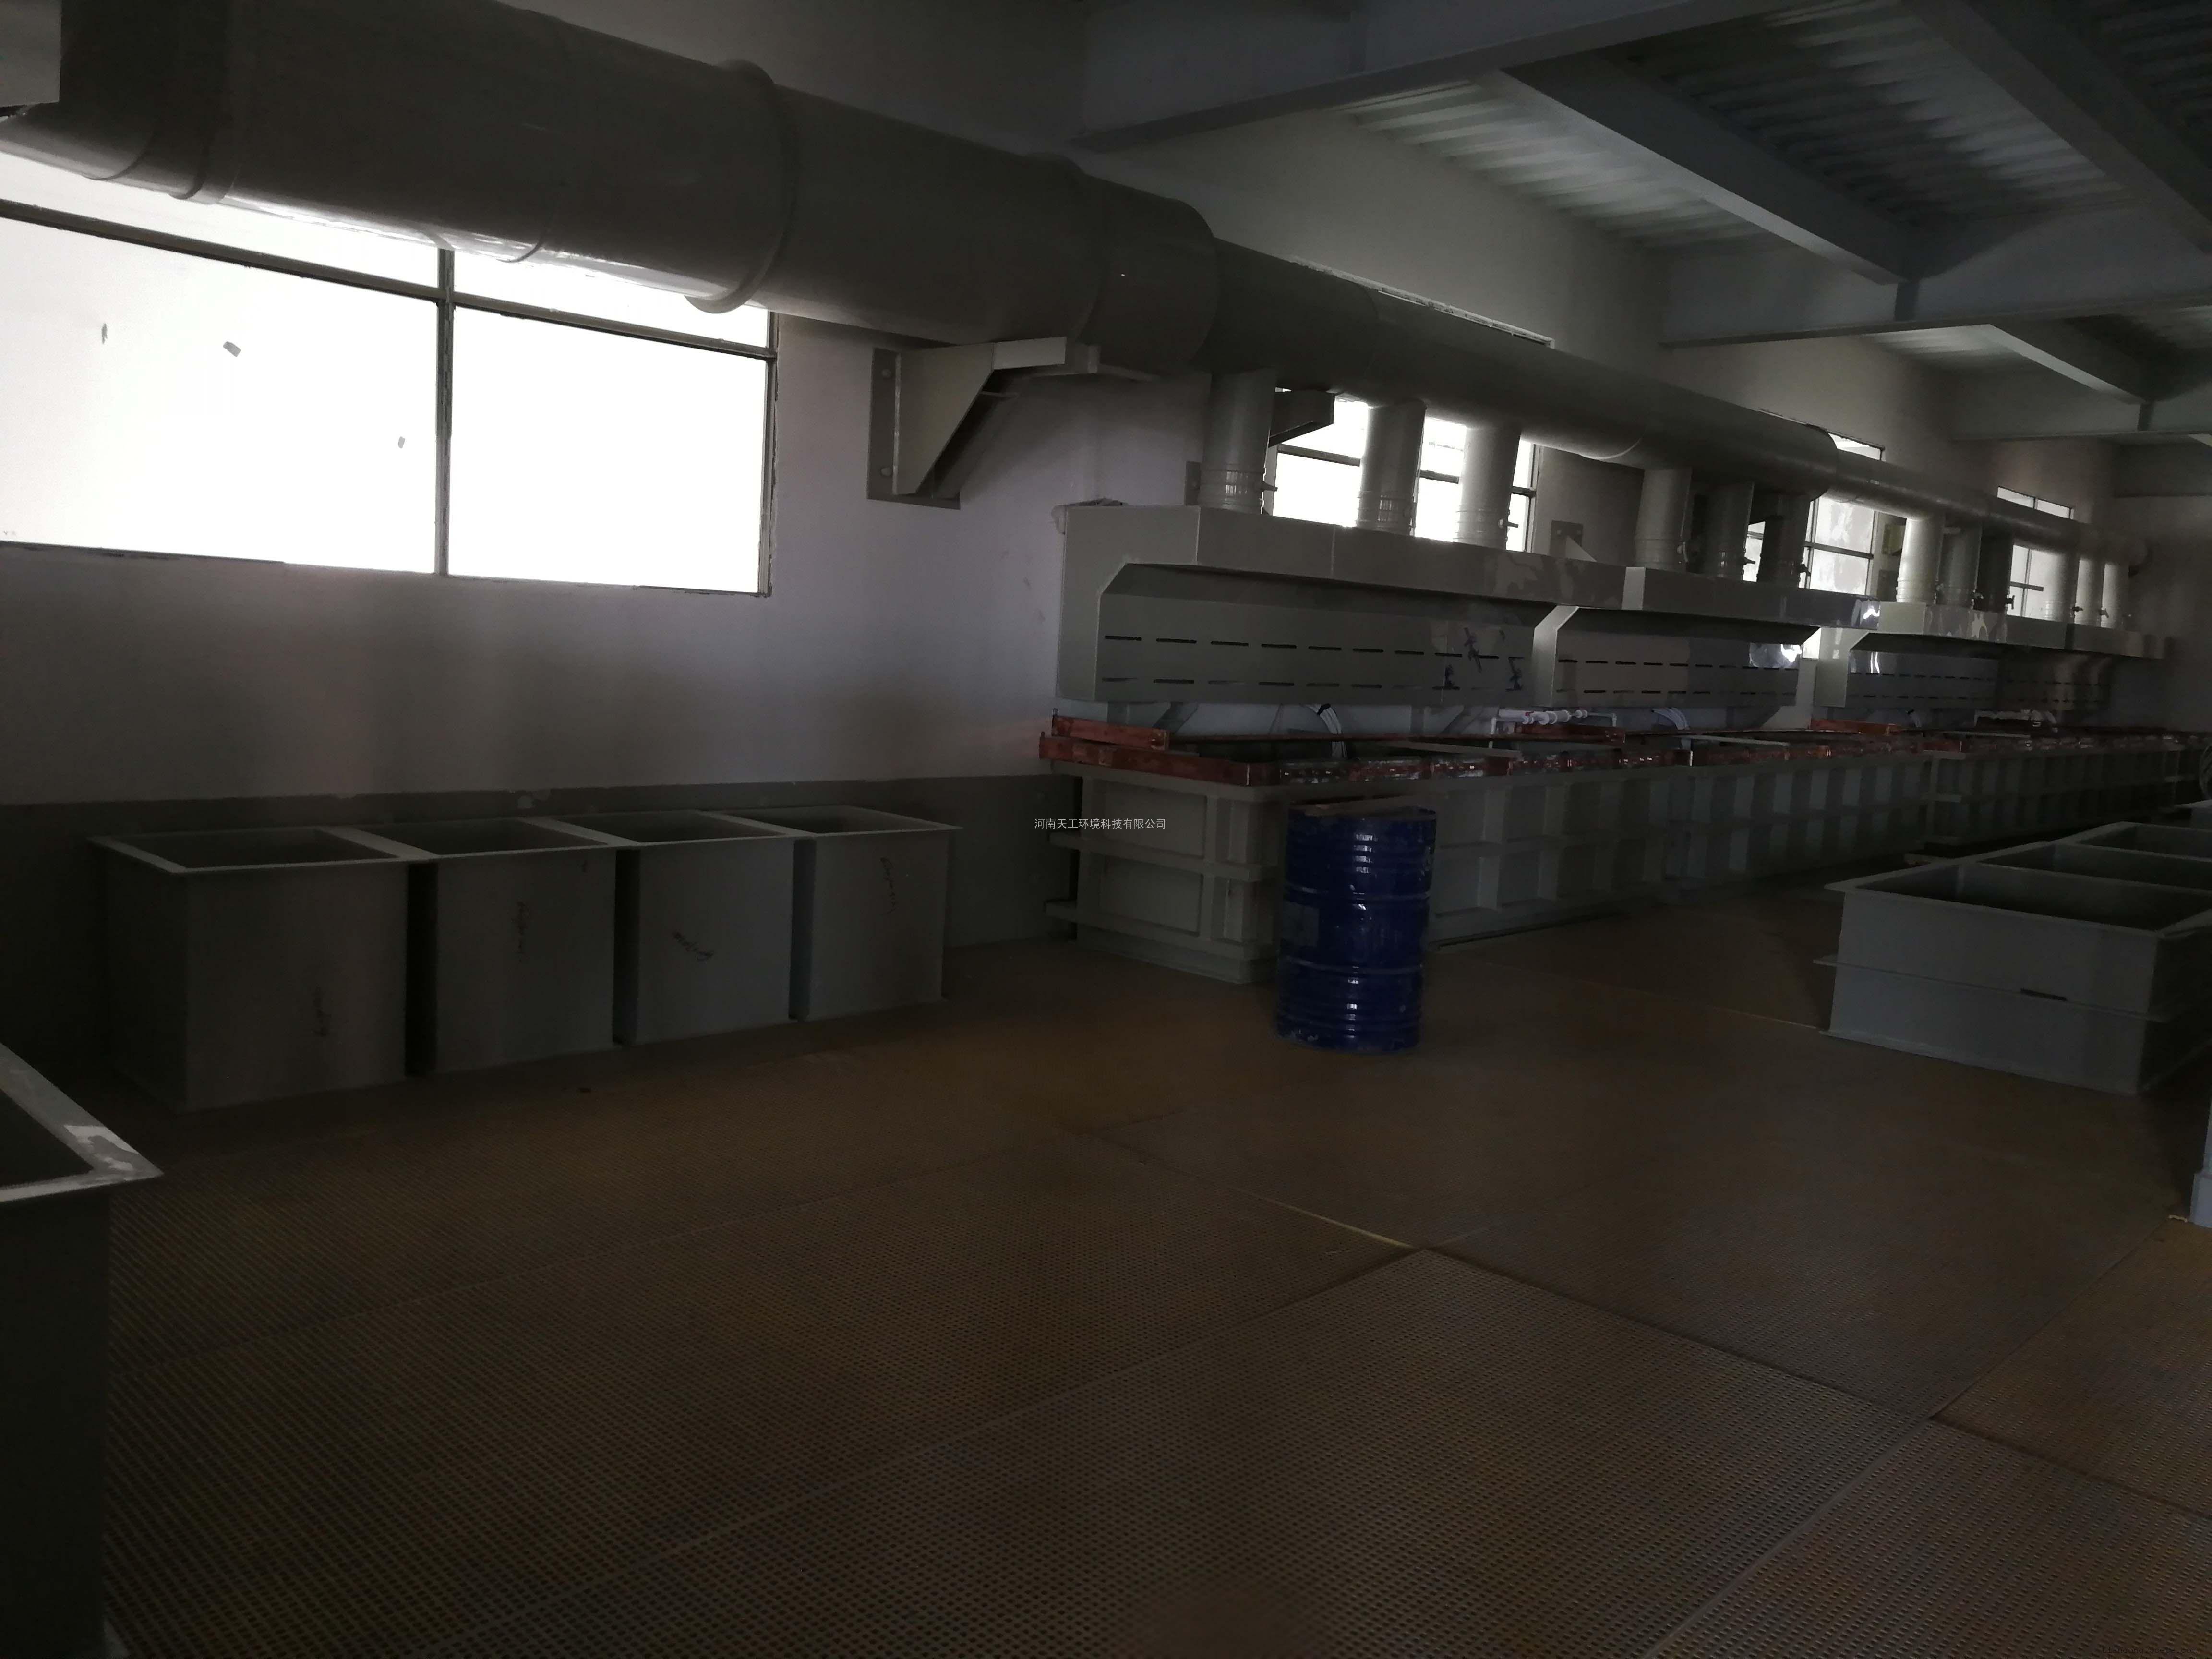 铝氧化|阳极氧化生产线设备|阳极氧化设备|铝氧化设备